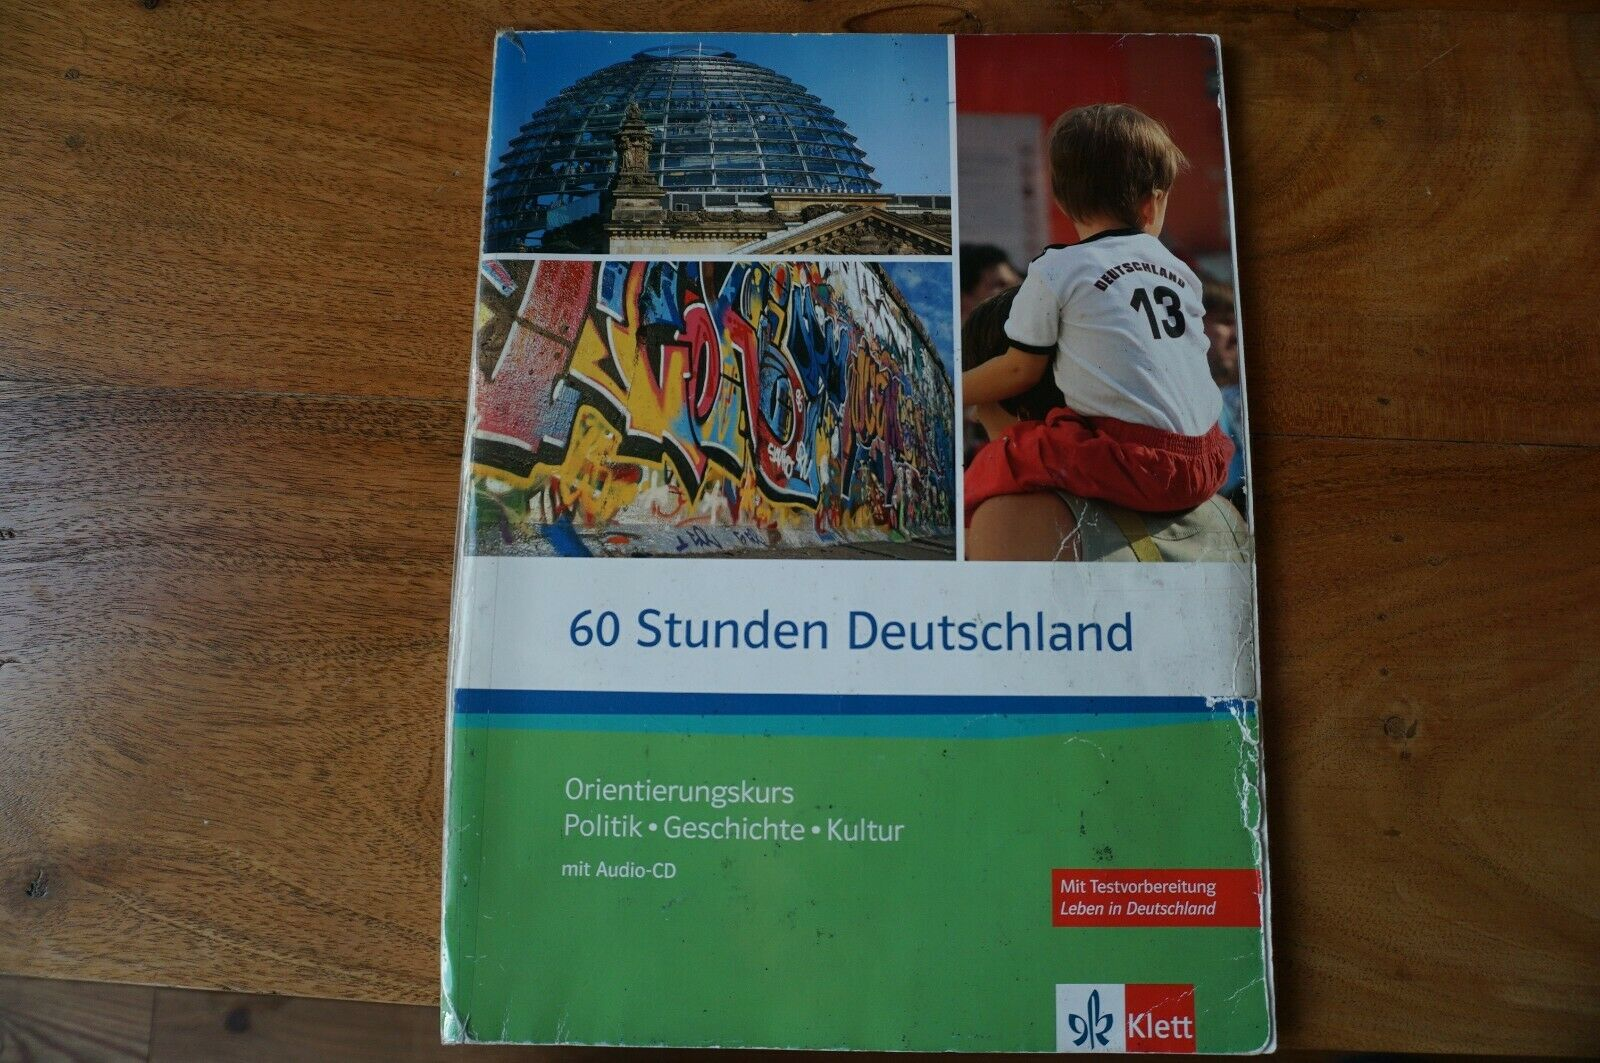 60 Stunden Deutschland Von Ondrej Kotas Ina Schiffhauer Johanna Skrodzki Und Angela Kilimann 2013 Geheftet